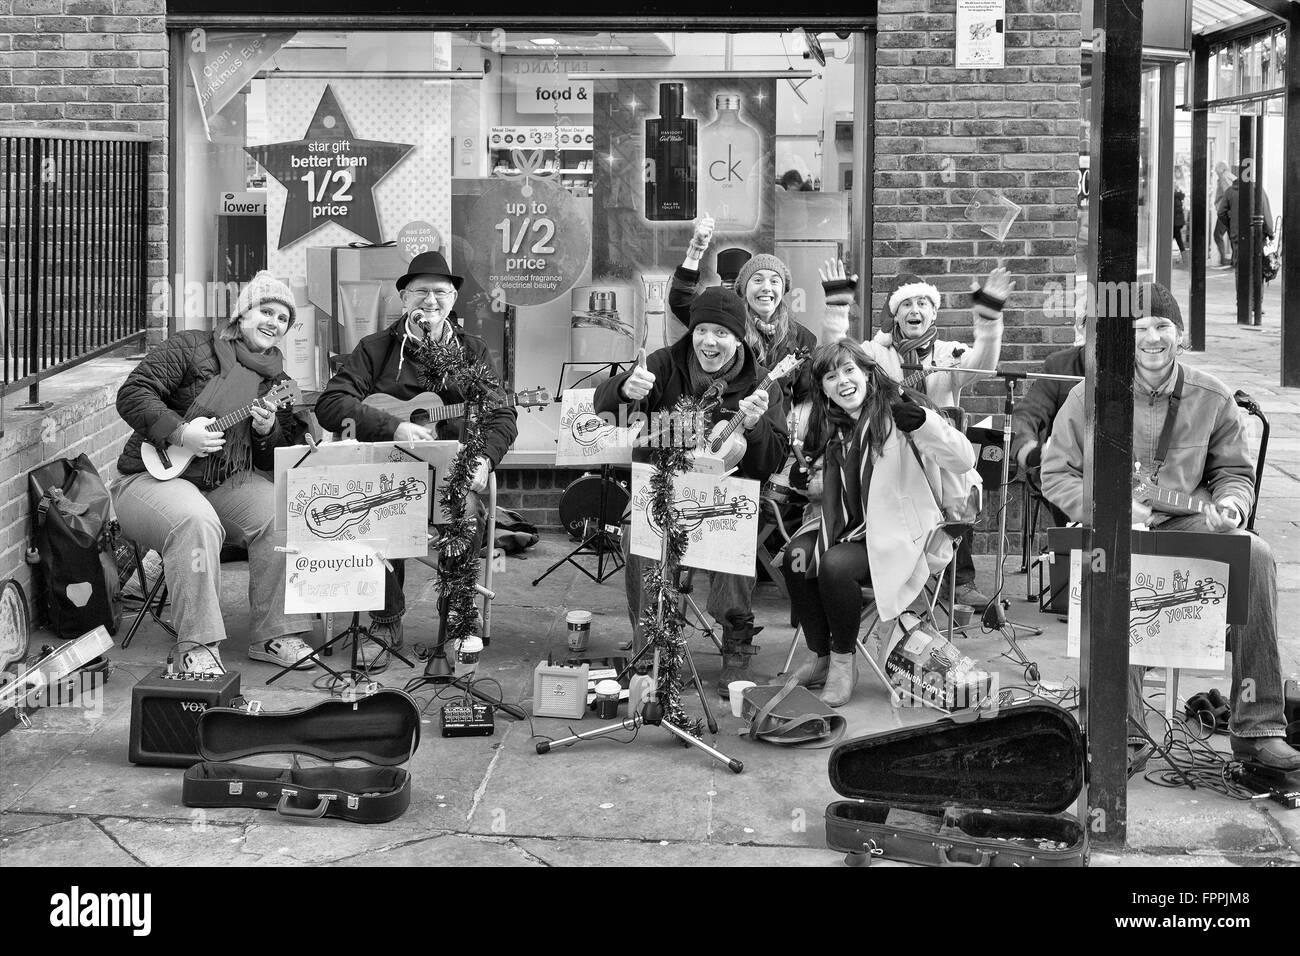 Escena de Navidad en York UK. Calle tradicional buskers reconociendo el fotógrafo disfrutar las festividades navideñas Foto de stock